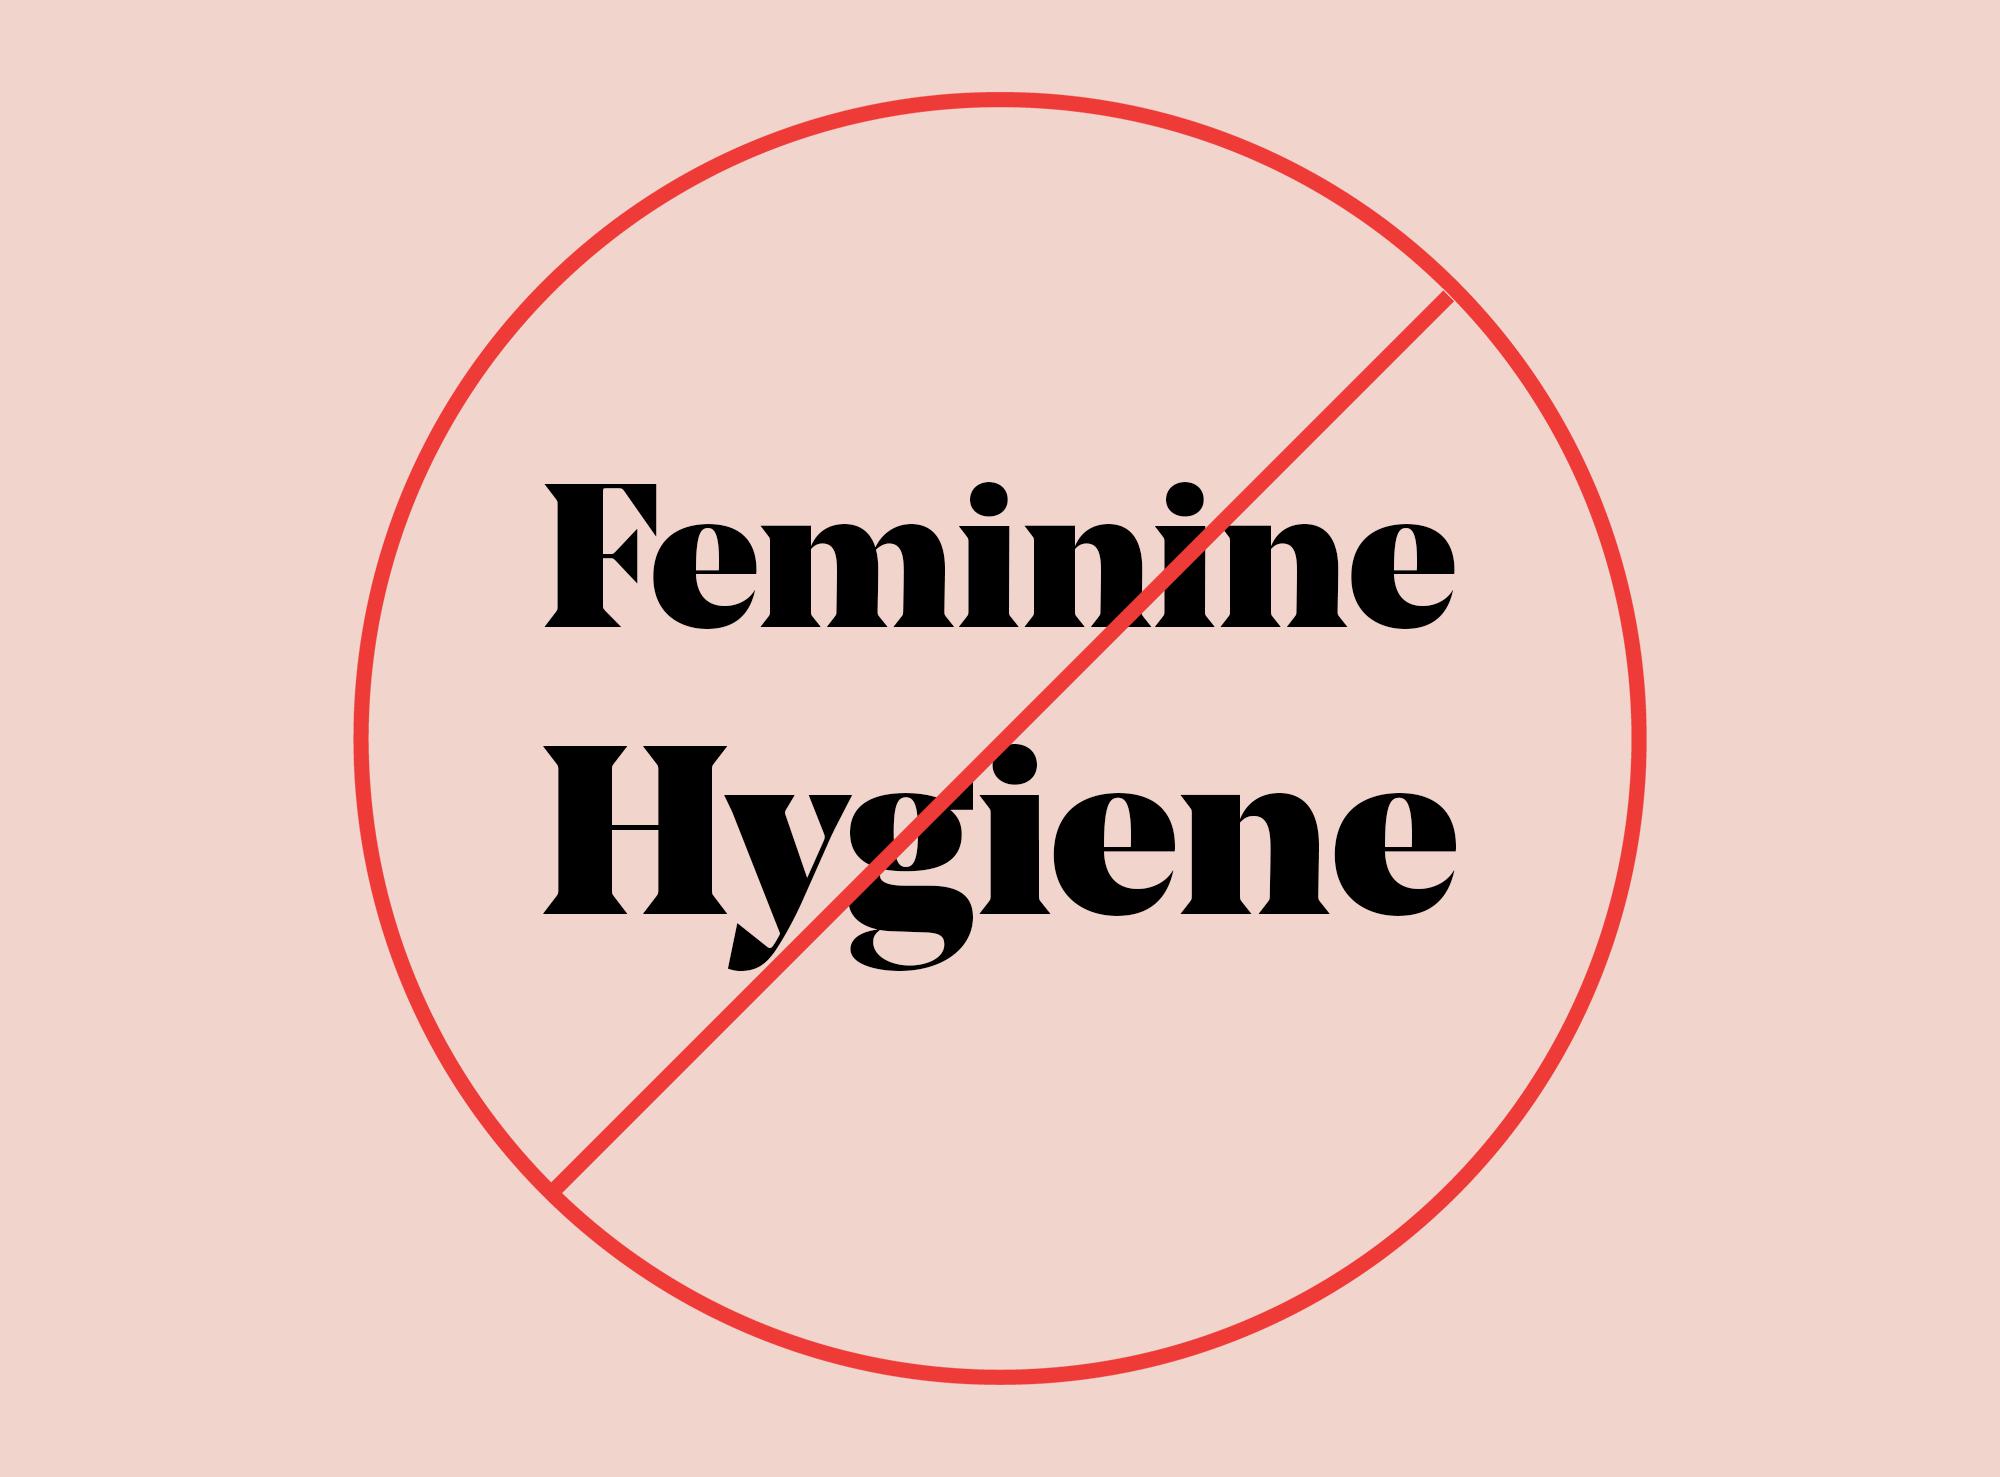 Why we don't use the term feminine hygiene